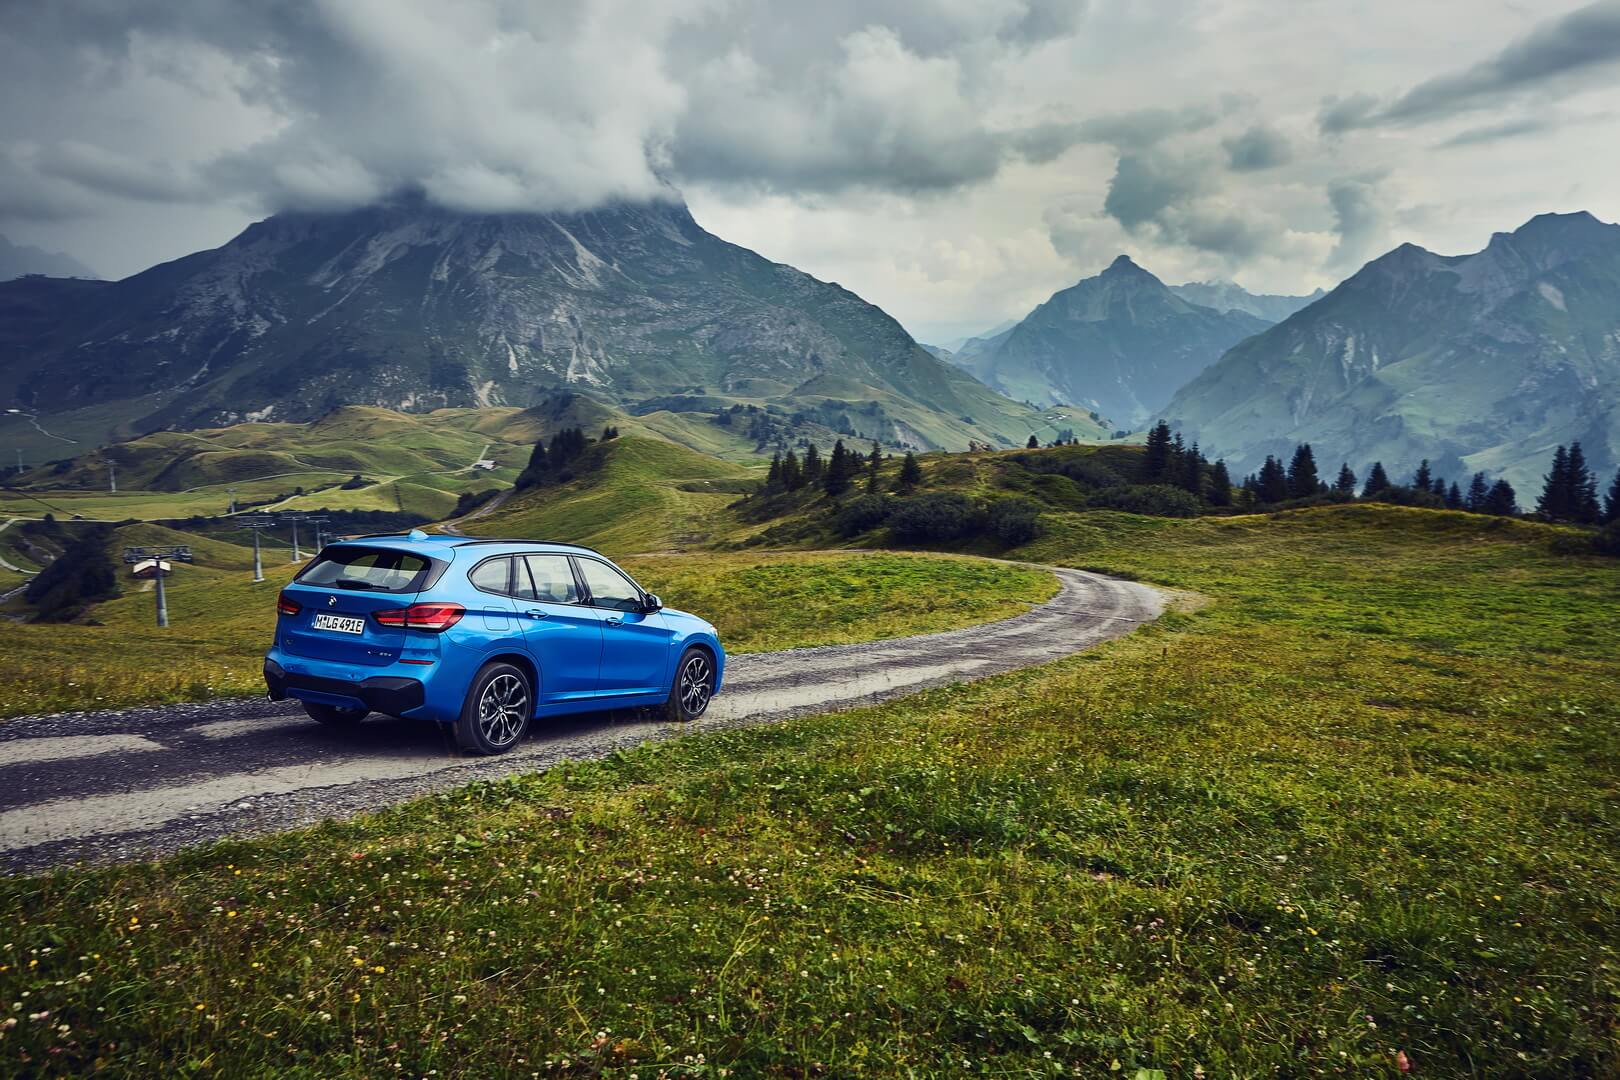 Плагин-гибрид BMW X1 xDrive25e